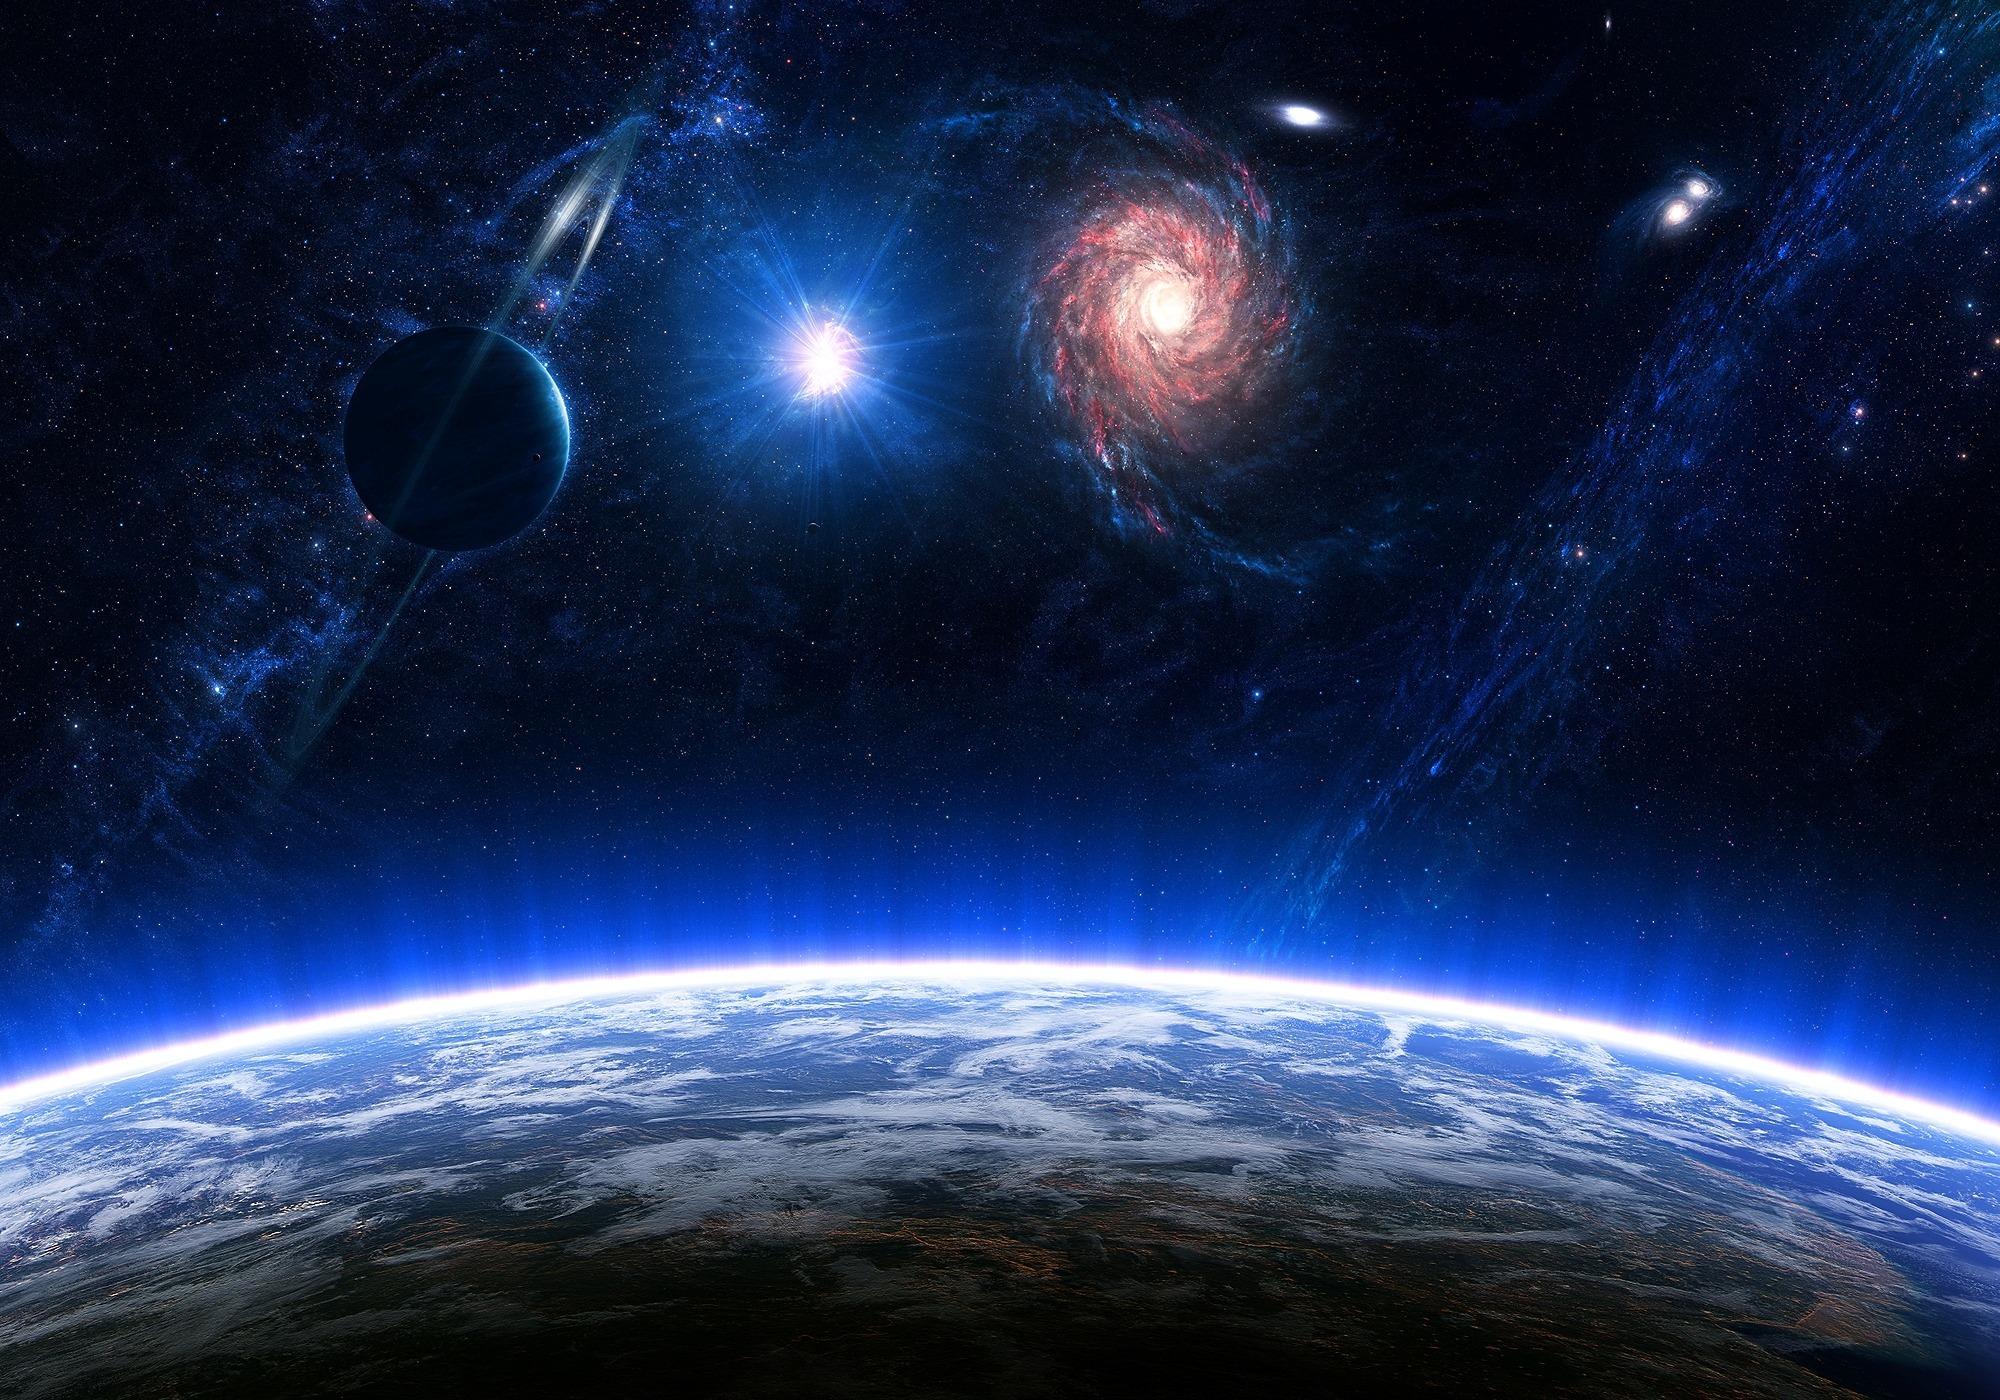 космос все картинки планет галактики дизайн